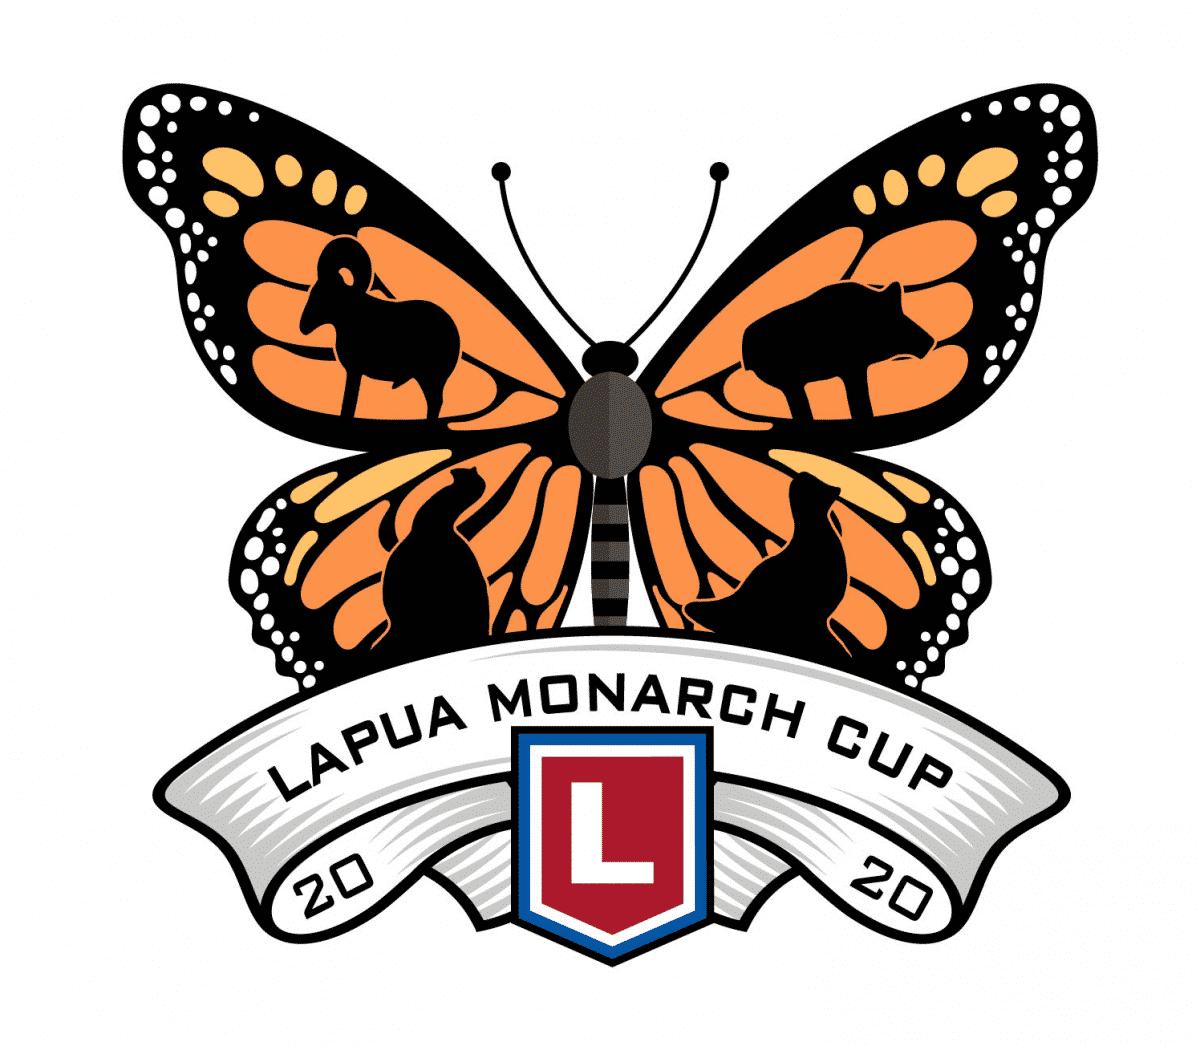 Lapua Monarch Cup 2020 1200x1046